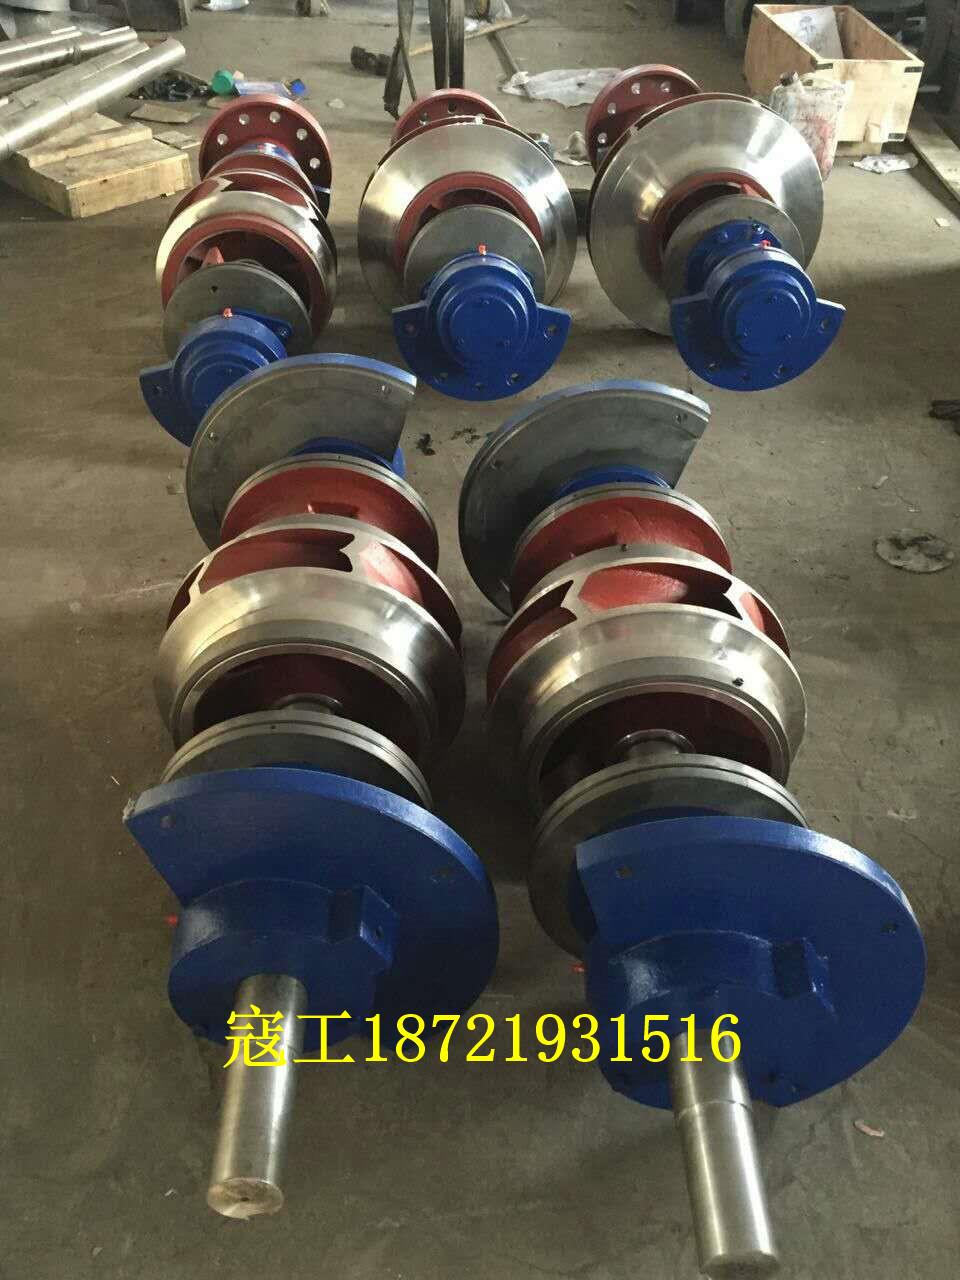 上海凯泉KQSN东方DFSS连成SLOW水泵叶轮机封内蒙古呼和浩特呼伦贝尔兴安通辽赤峰锡林销售